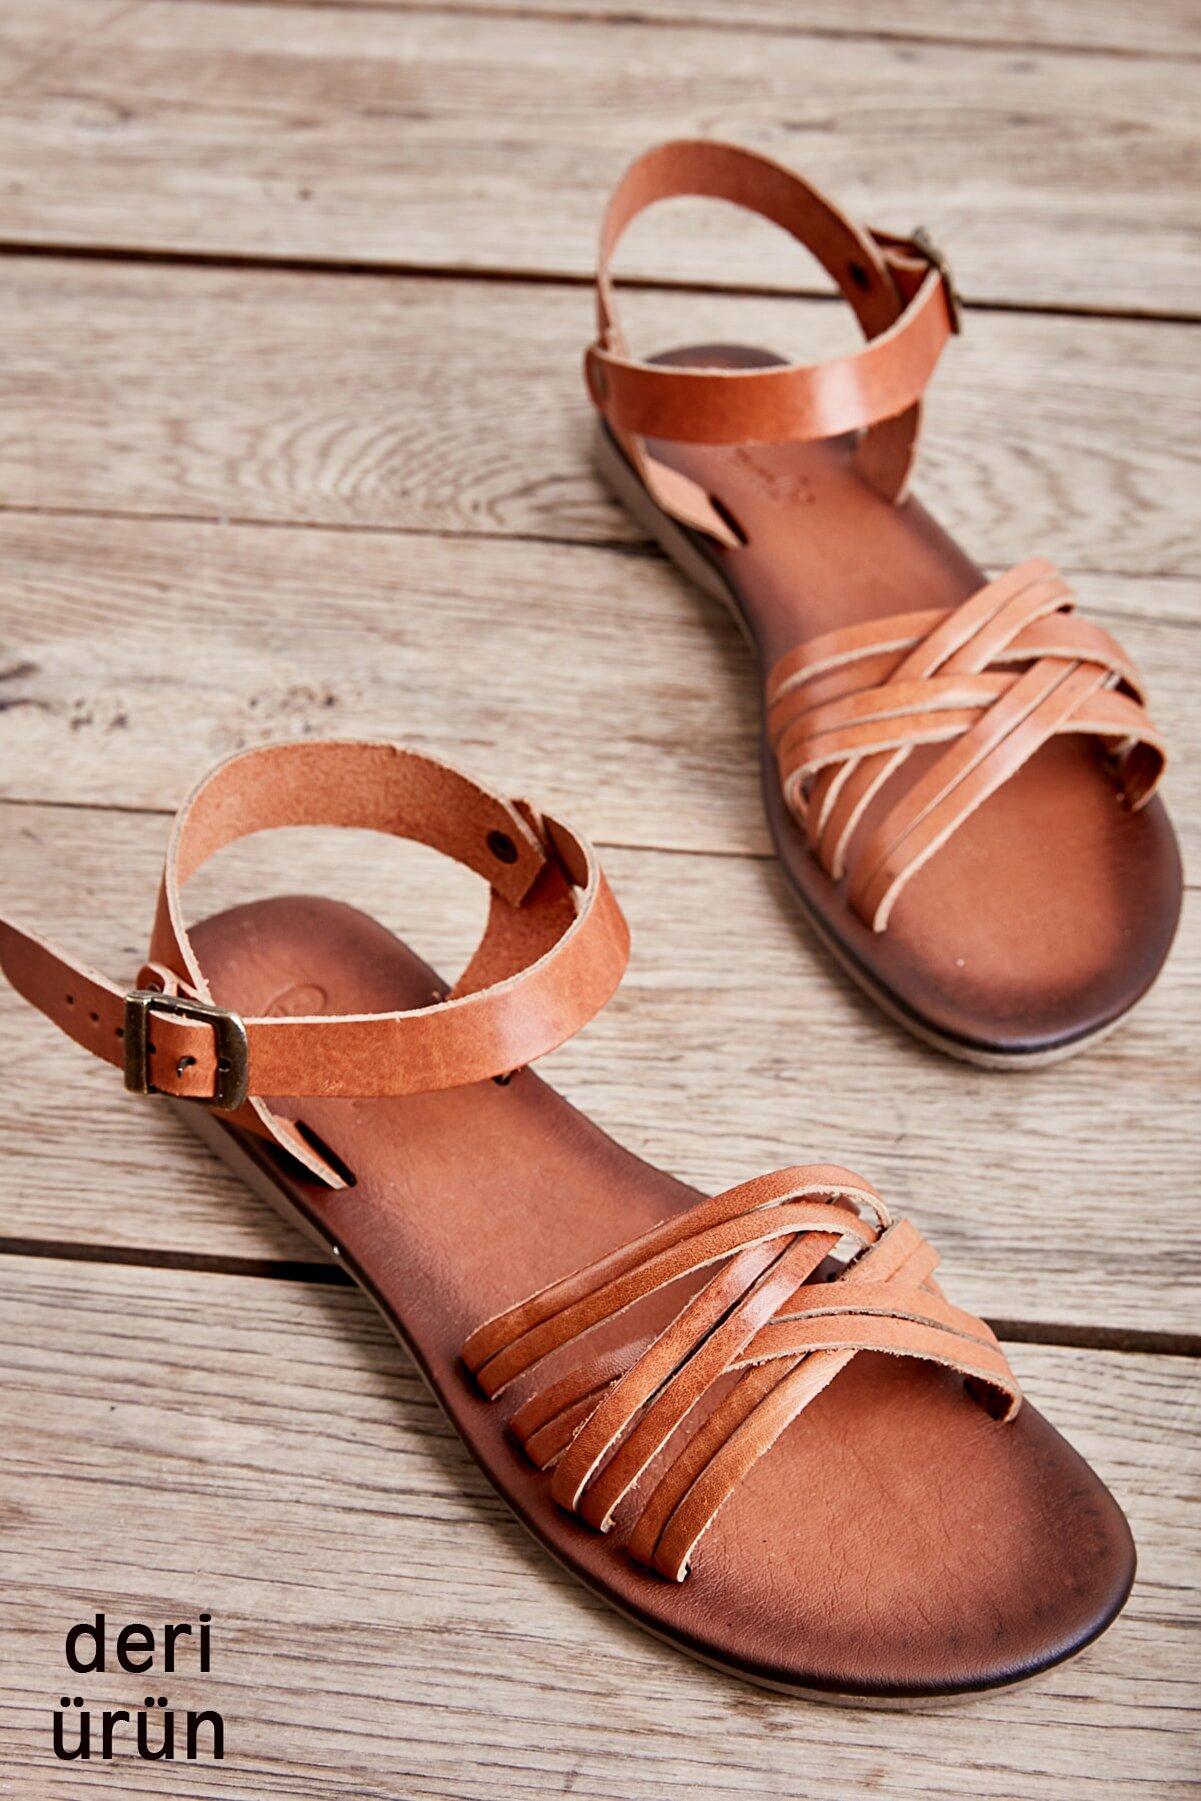 Bambi Hakiki Deri Taba Kadın Sandalet K05685161903